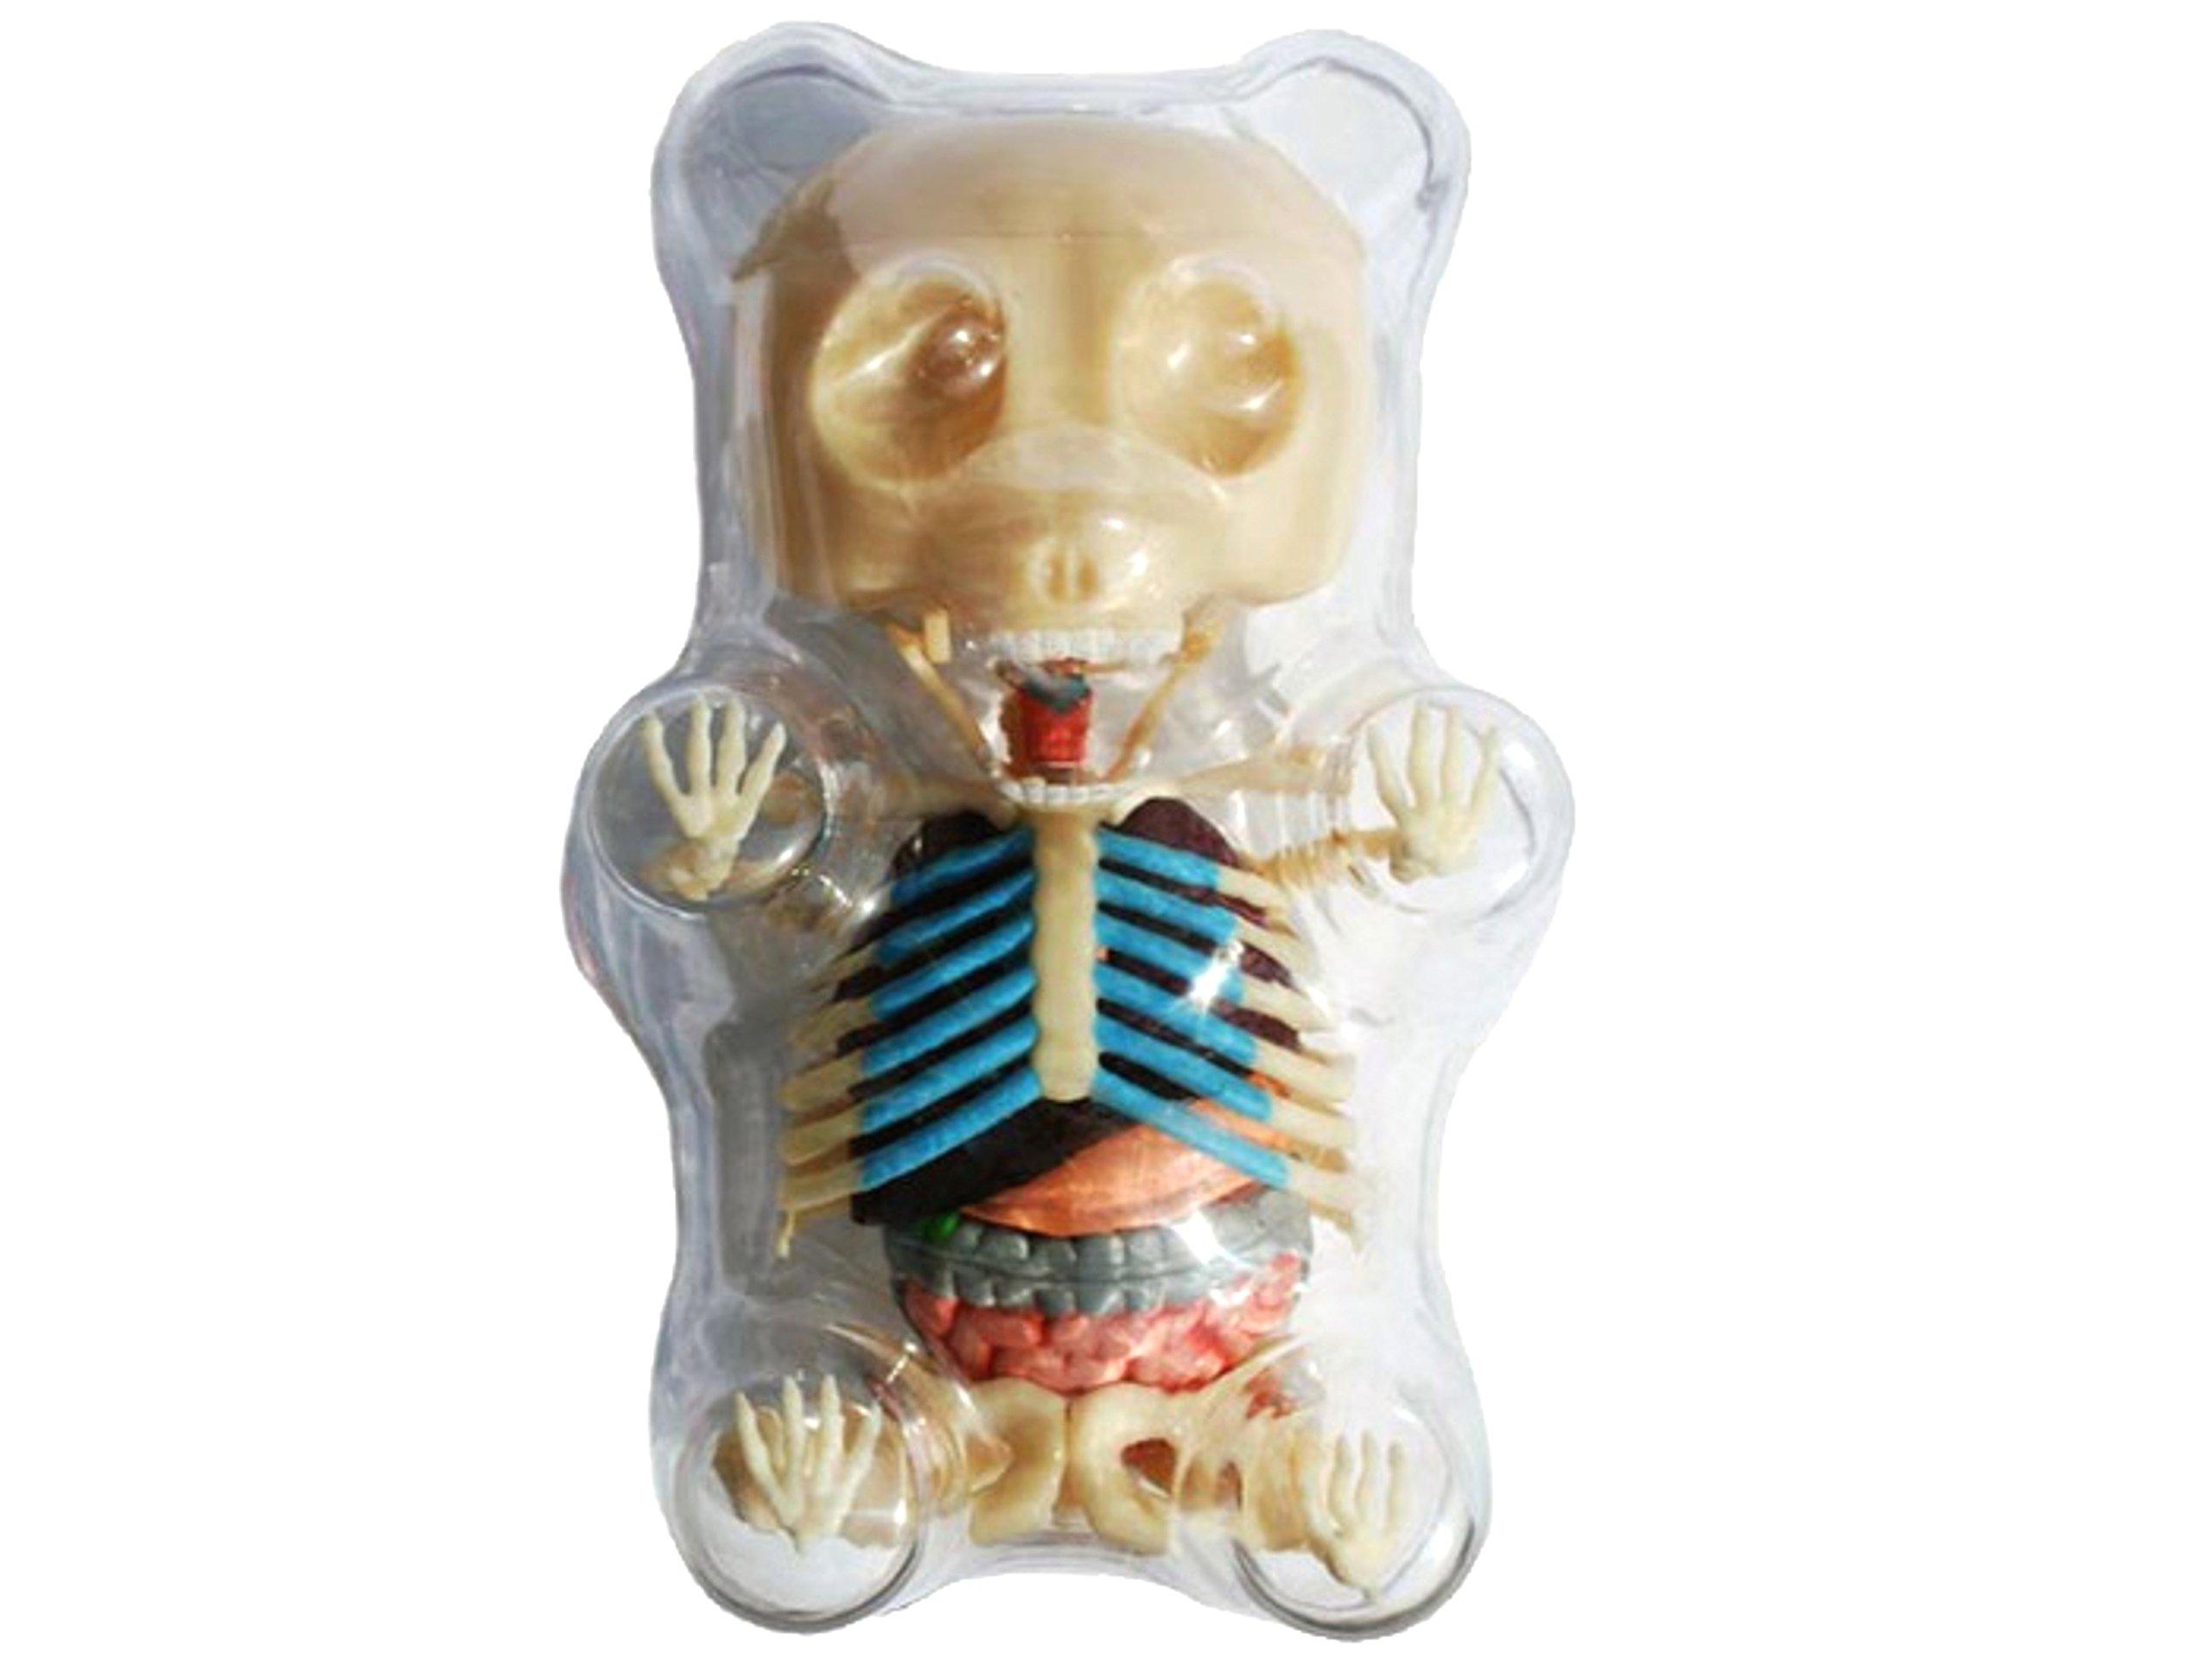 4d Master Gummi Bear Skeleton Anatomy Model Kit Clear 689829127442